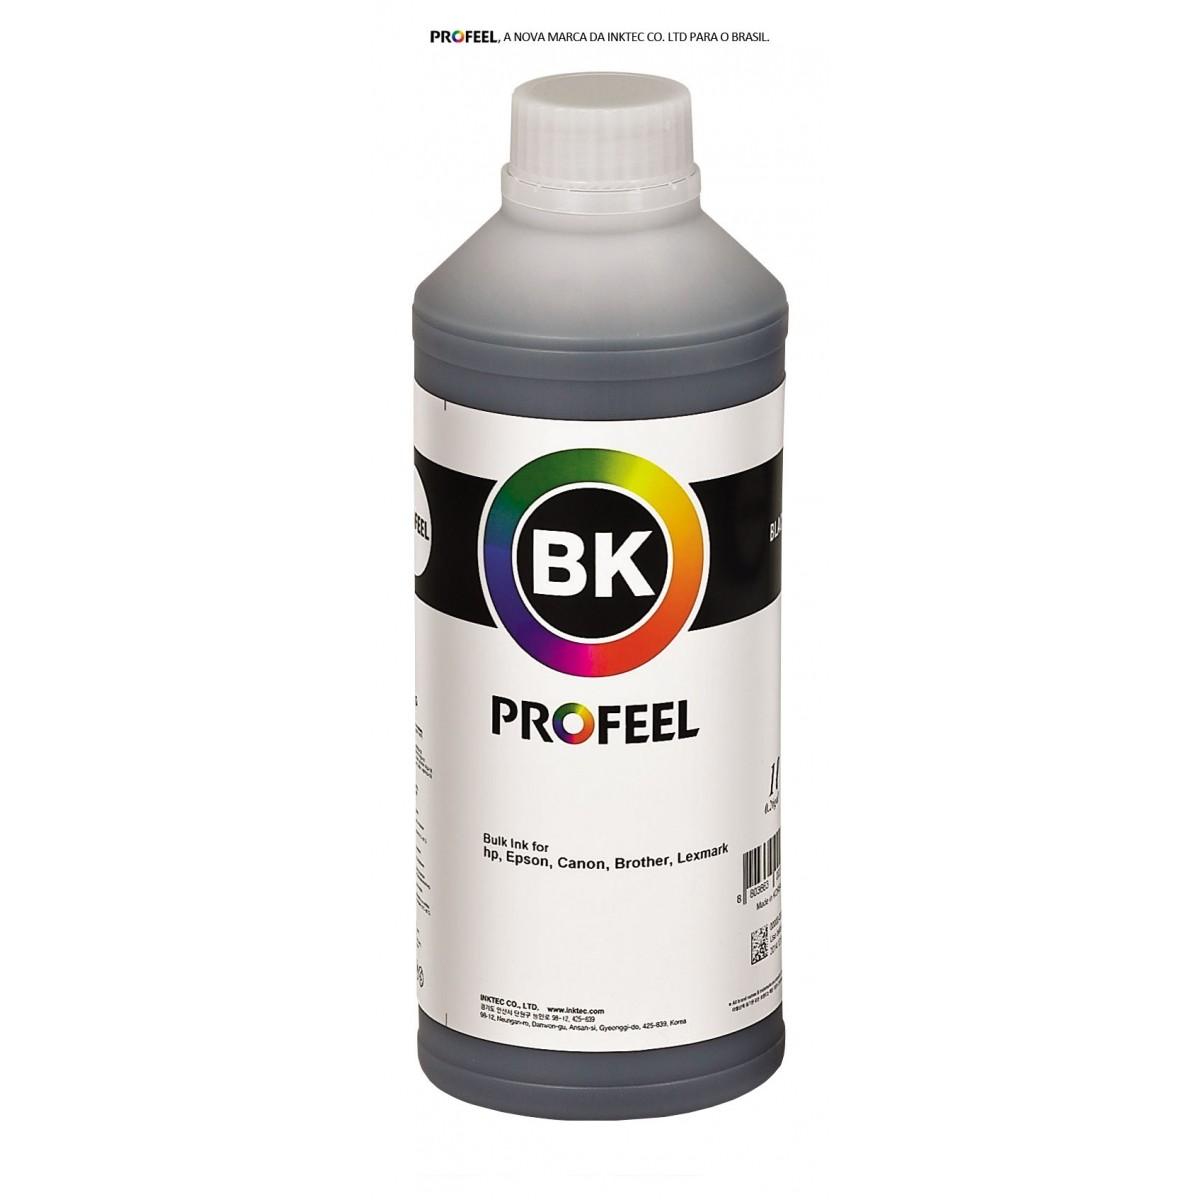 Tinta pigmentada InkTec Profeel para Epson | modelo E0013-01LB | Frasco de 1 litro | Cor : Preta